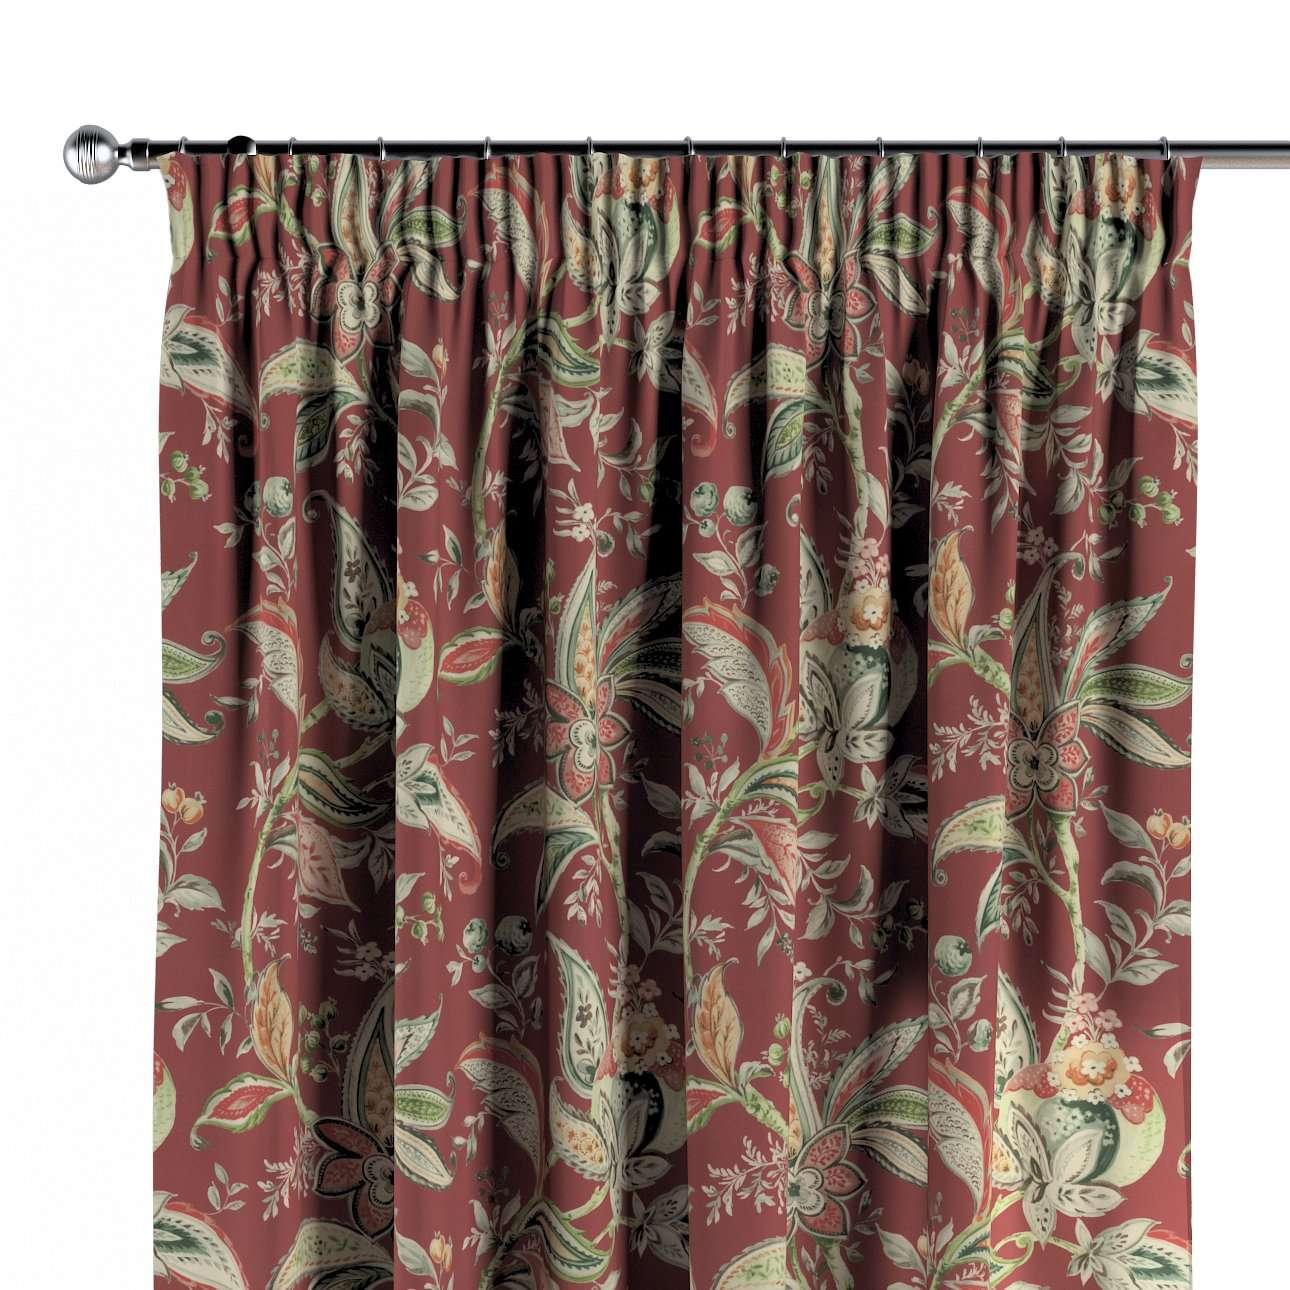 Zasłona na taśmie marszczącej 1 szt. w kolekcji Gardenia, tkanina: 142-12